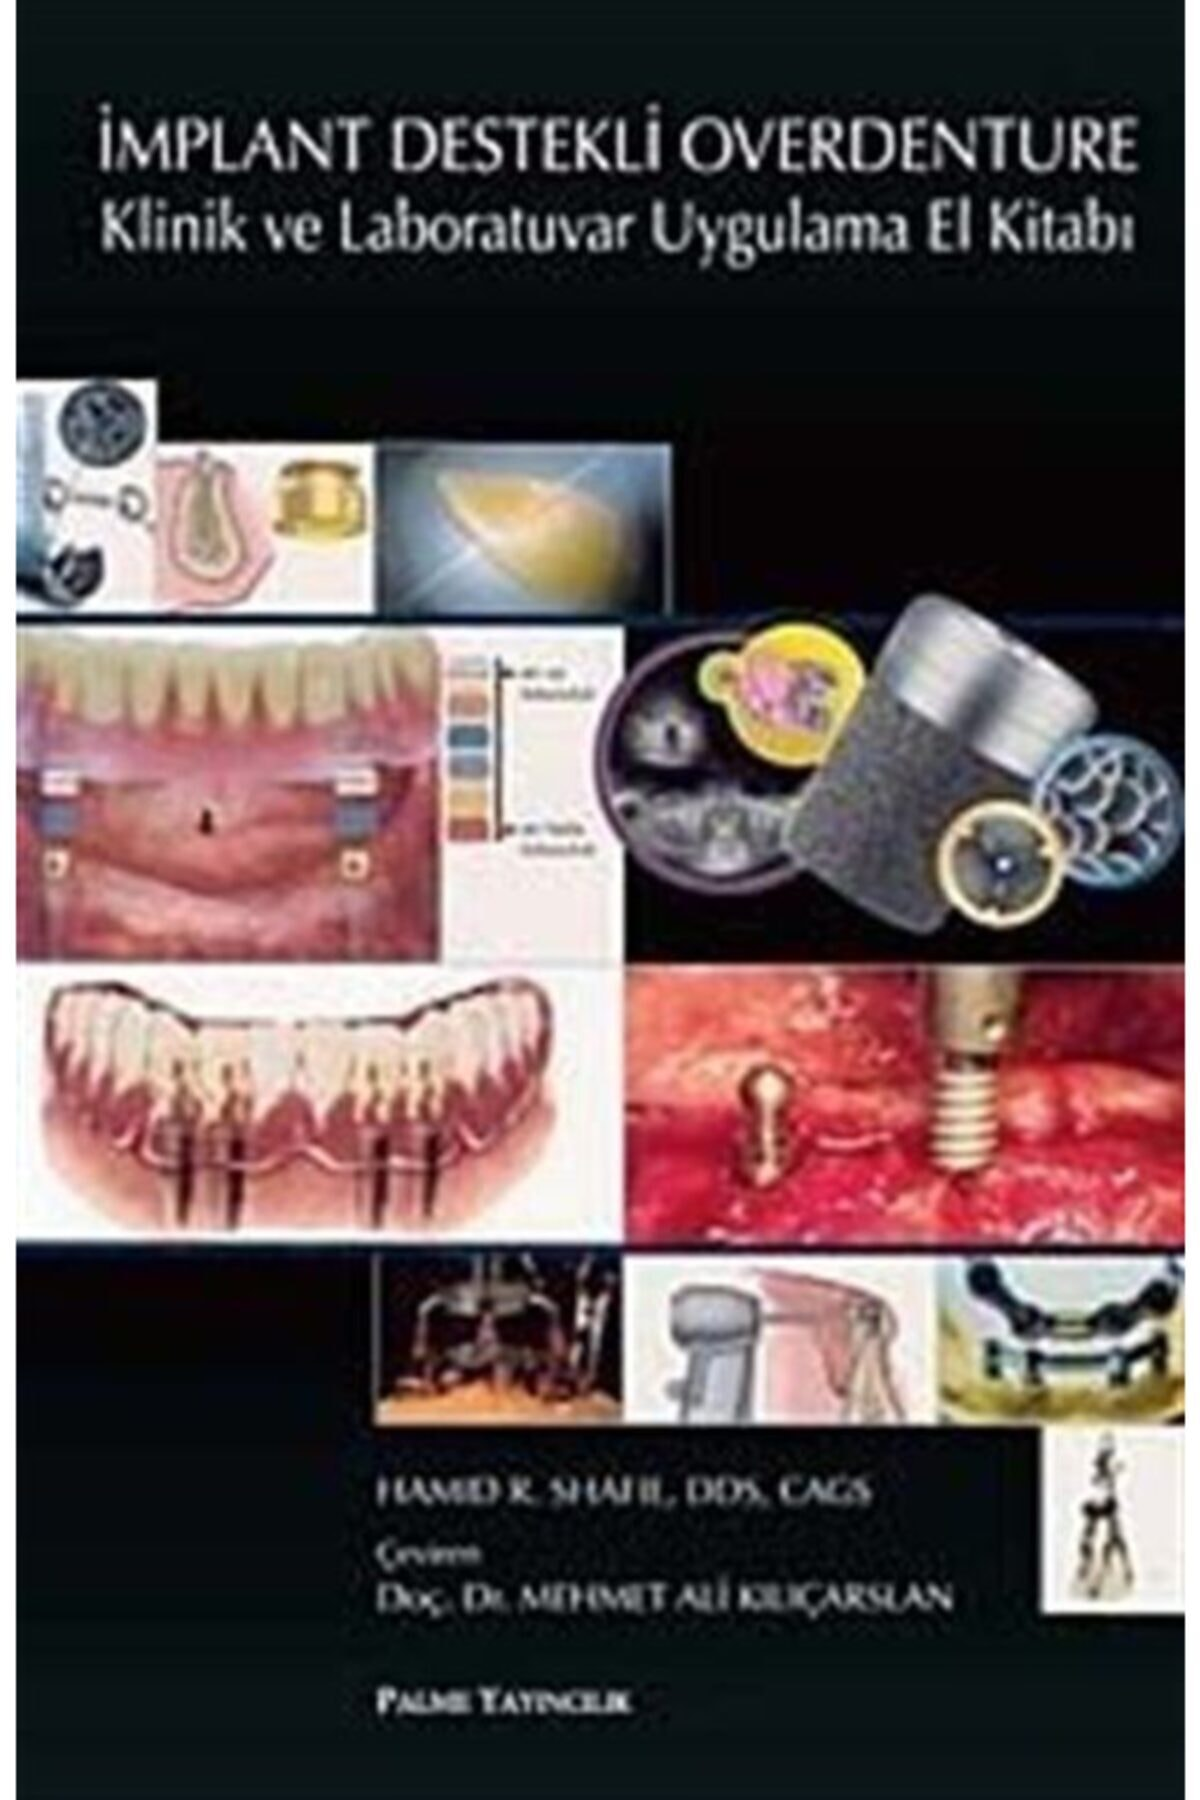 Palme Yayınevi Implant Destekli Overdenture & Klinik Ve Laboratuvar Uygulama El Kitabı 1